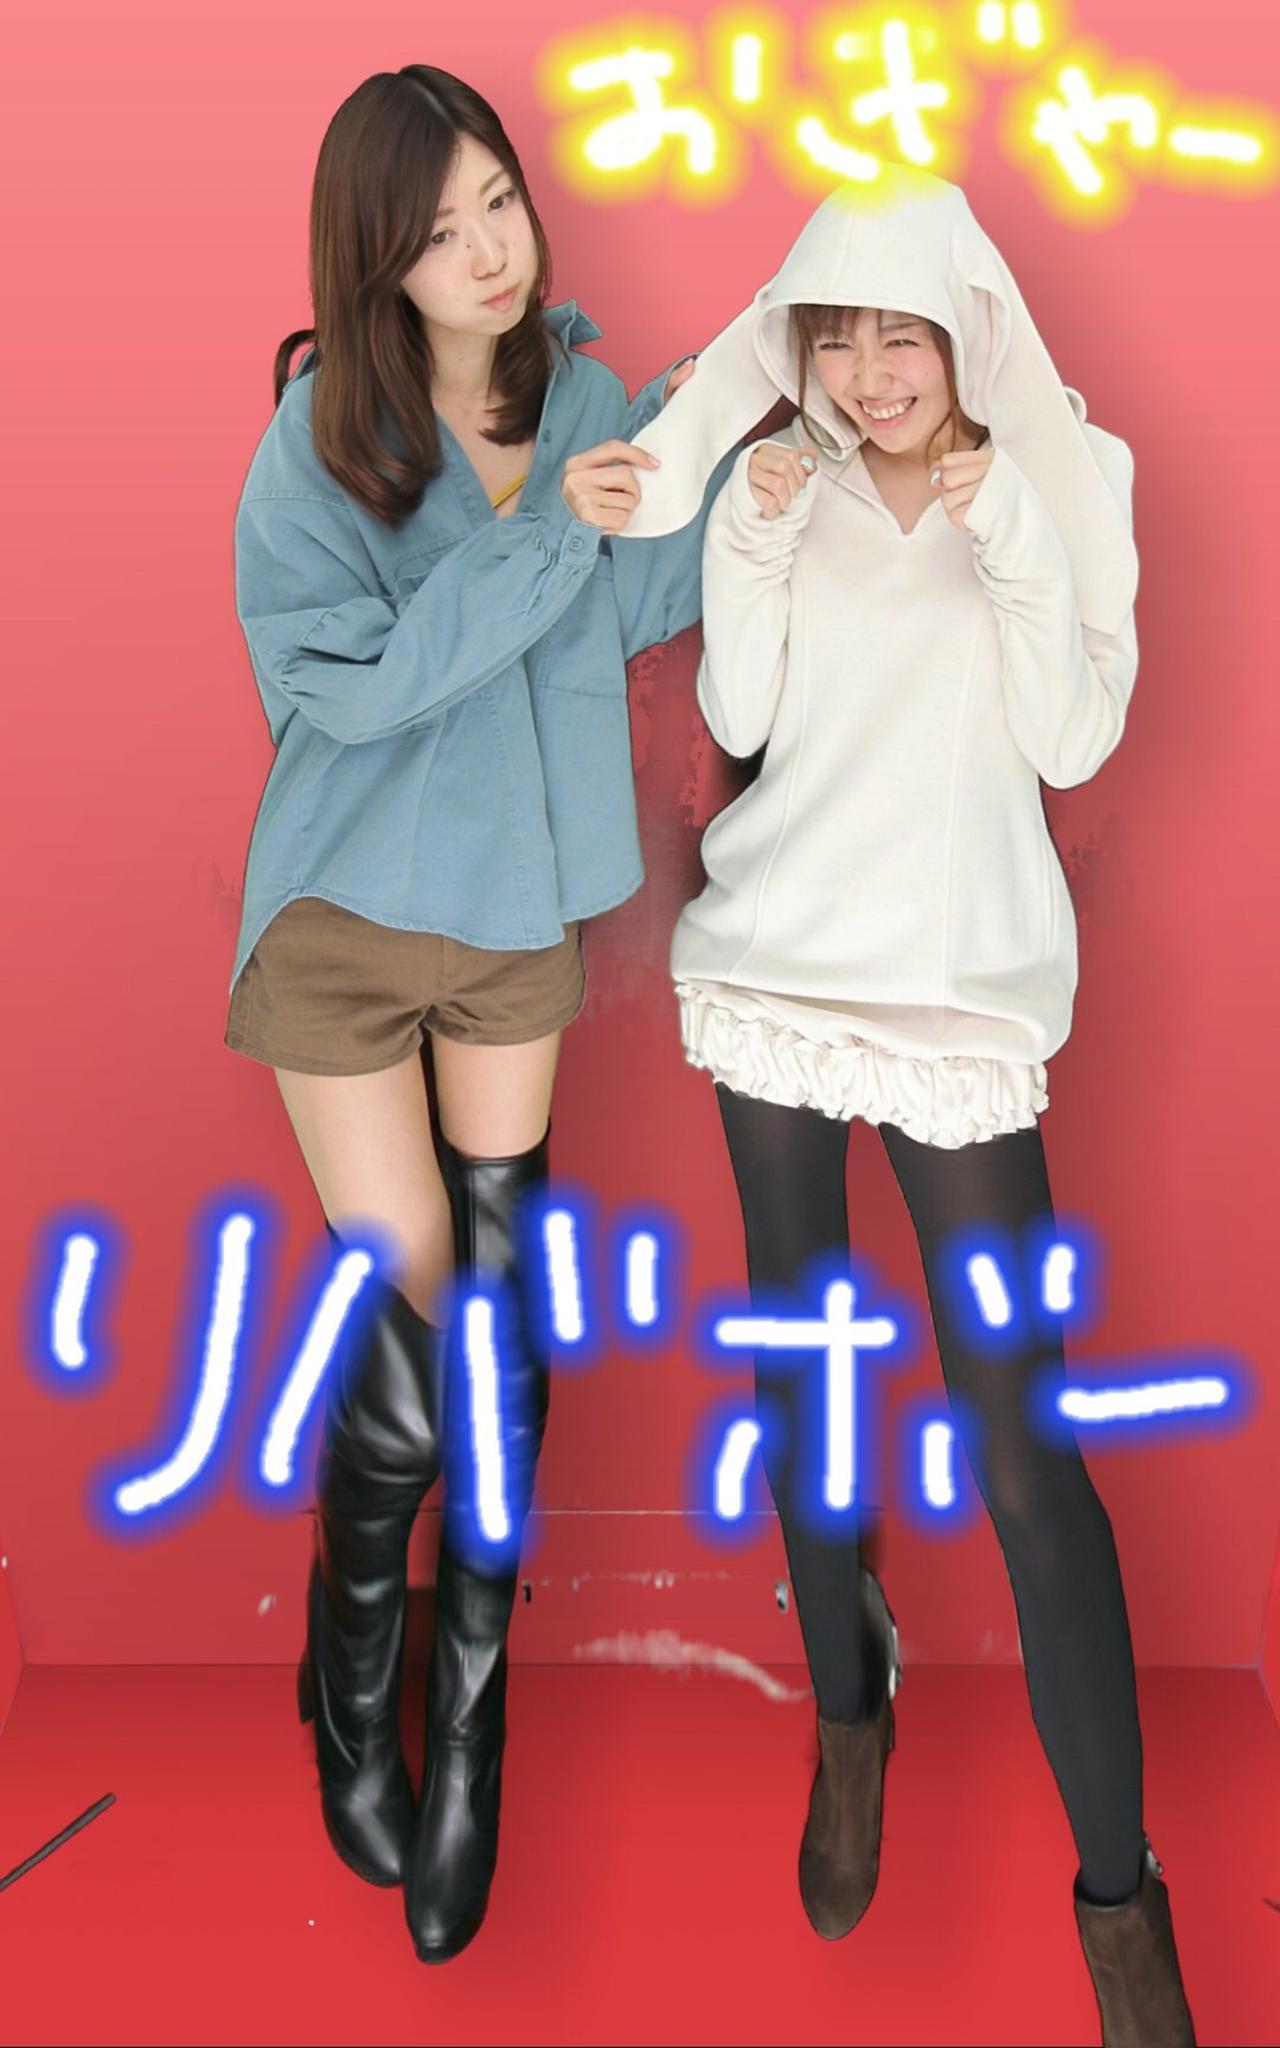 画像: 妹と生田晴香。ちなみに生田晴香は元々モテるのでモテたいが為に恐竜やってるわけではないということをお分かりいただけたらと!